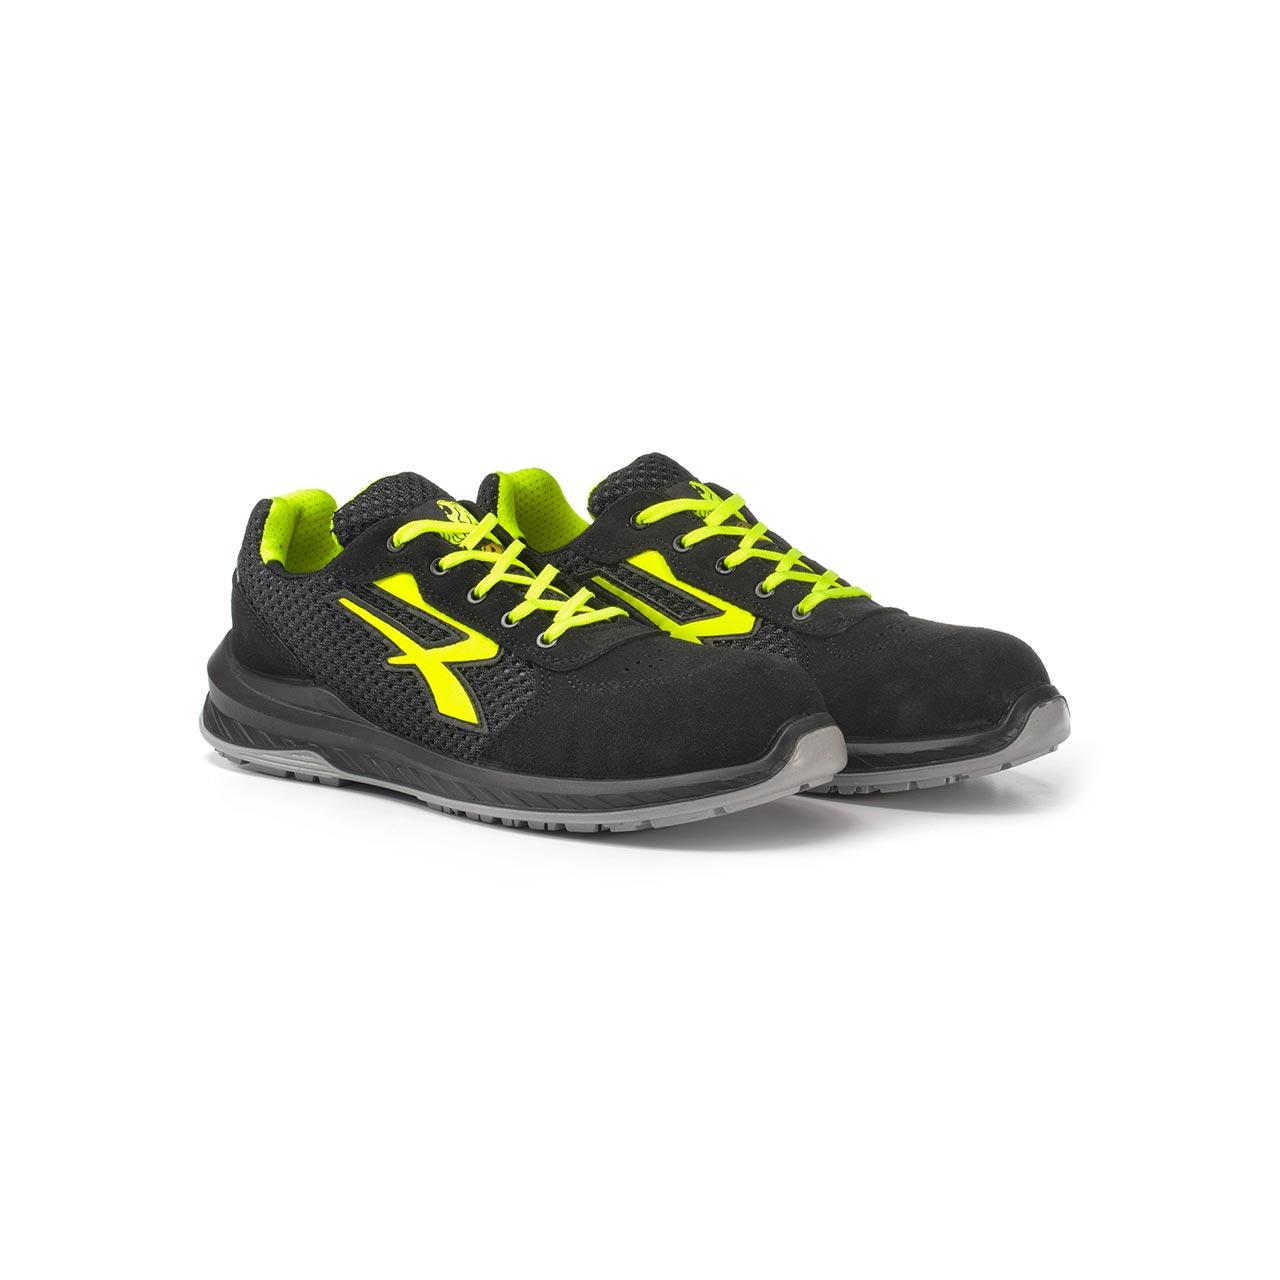 paio di scarpe antinfortunistiche upower modello marsiglia linea redindustry vista prospettica